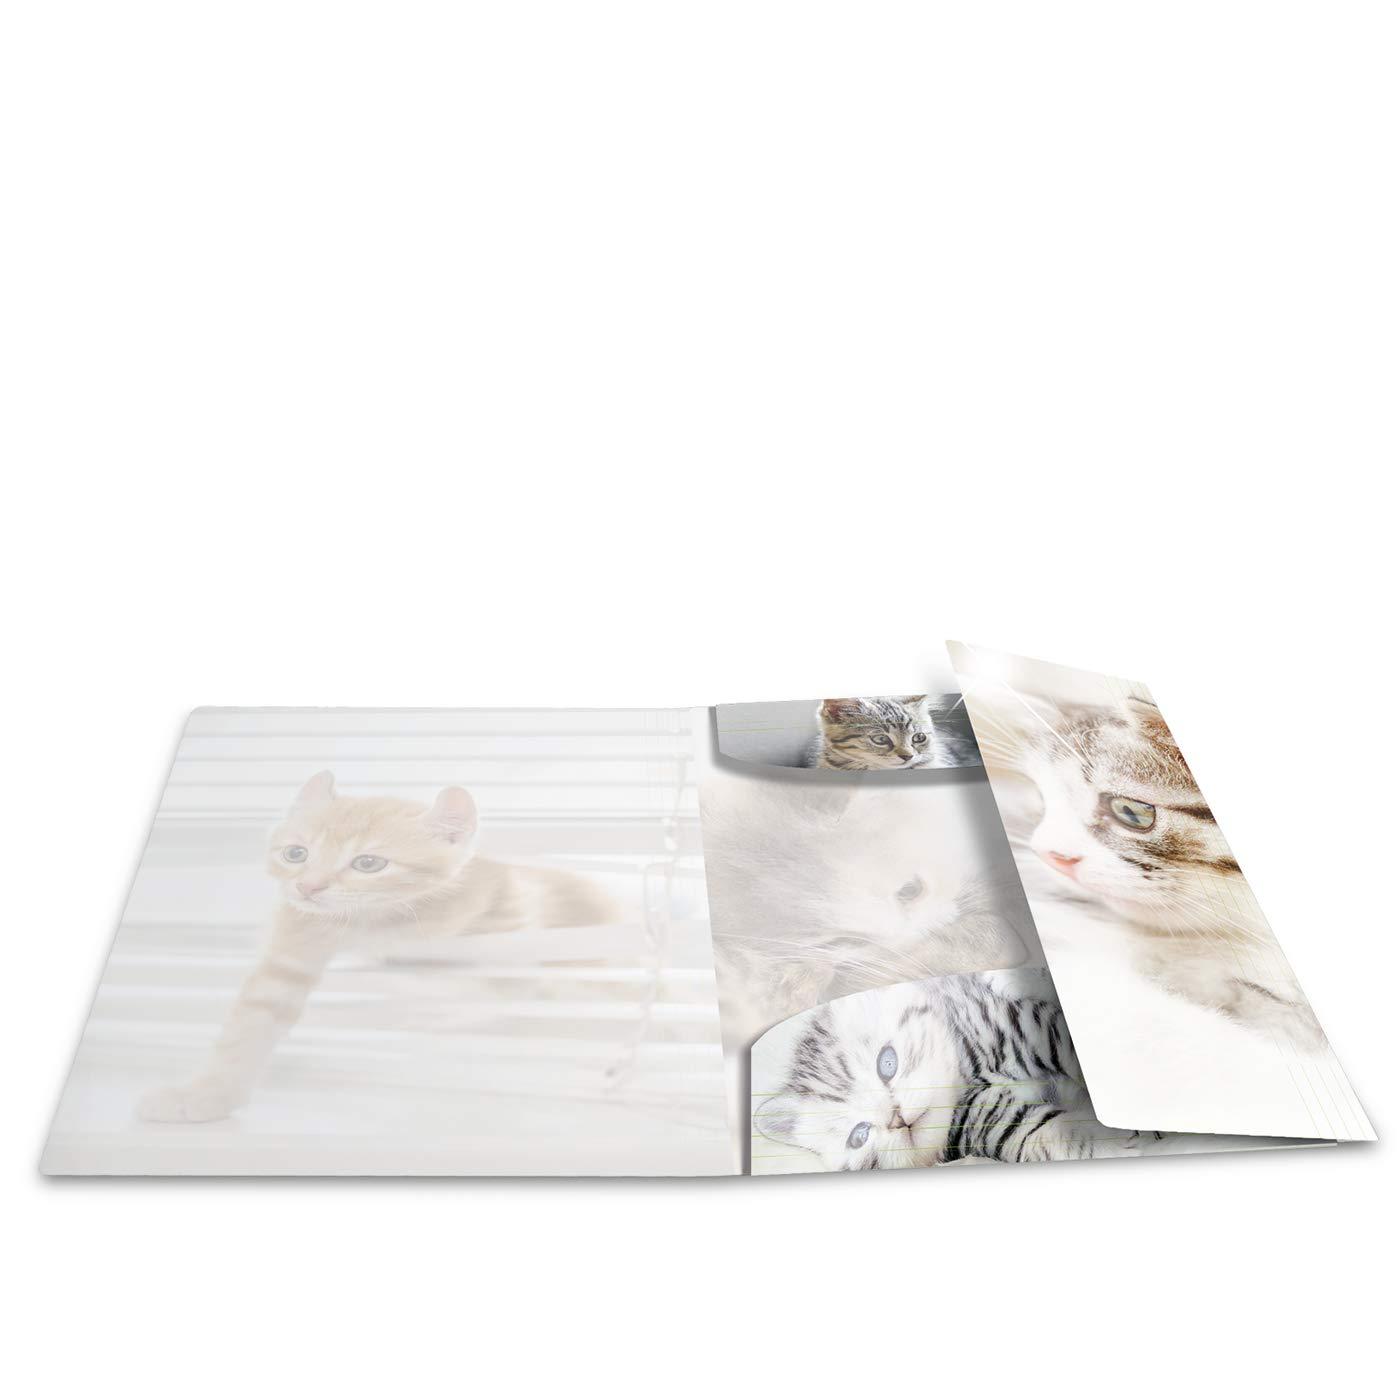 Eckspanner-Mappe HERMA 19328 Sammelmappe DIN A4 Tiere Katzen aus stabilem Kunststoff mit Hochglanz-Effekt und bedruckten Innenklappen 1 Zeichenmappe f/ür Kinder Gummizugmappe